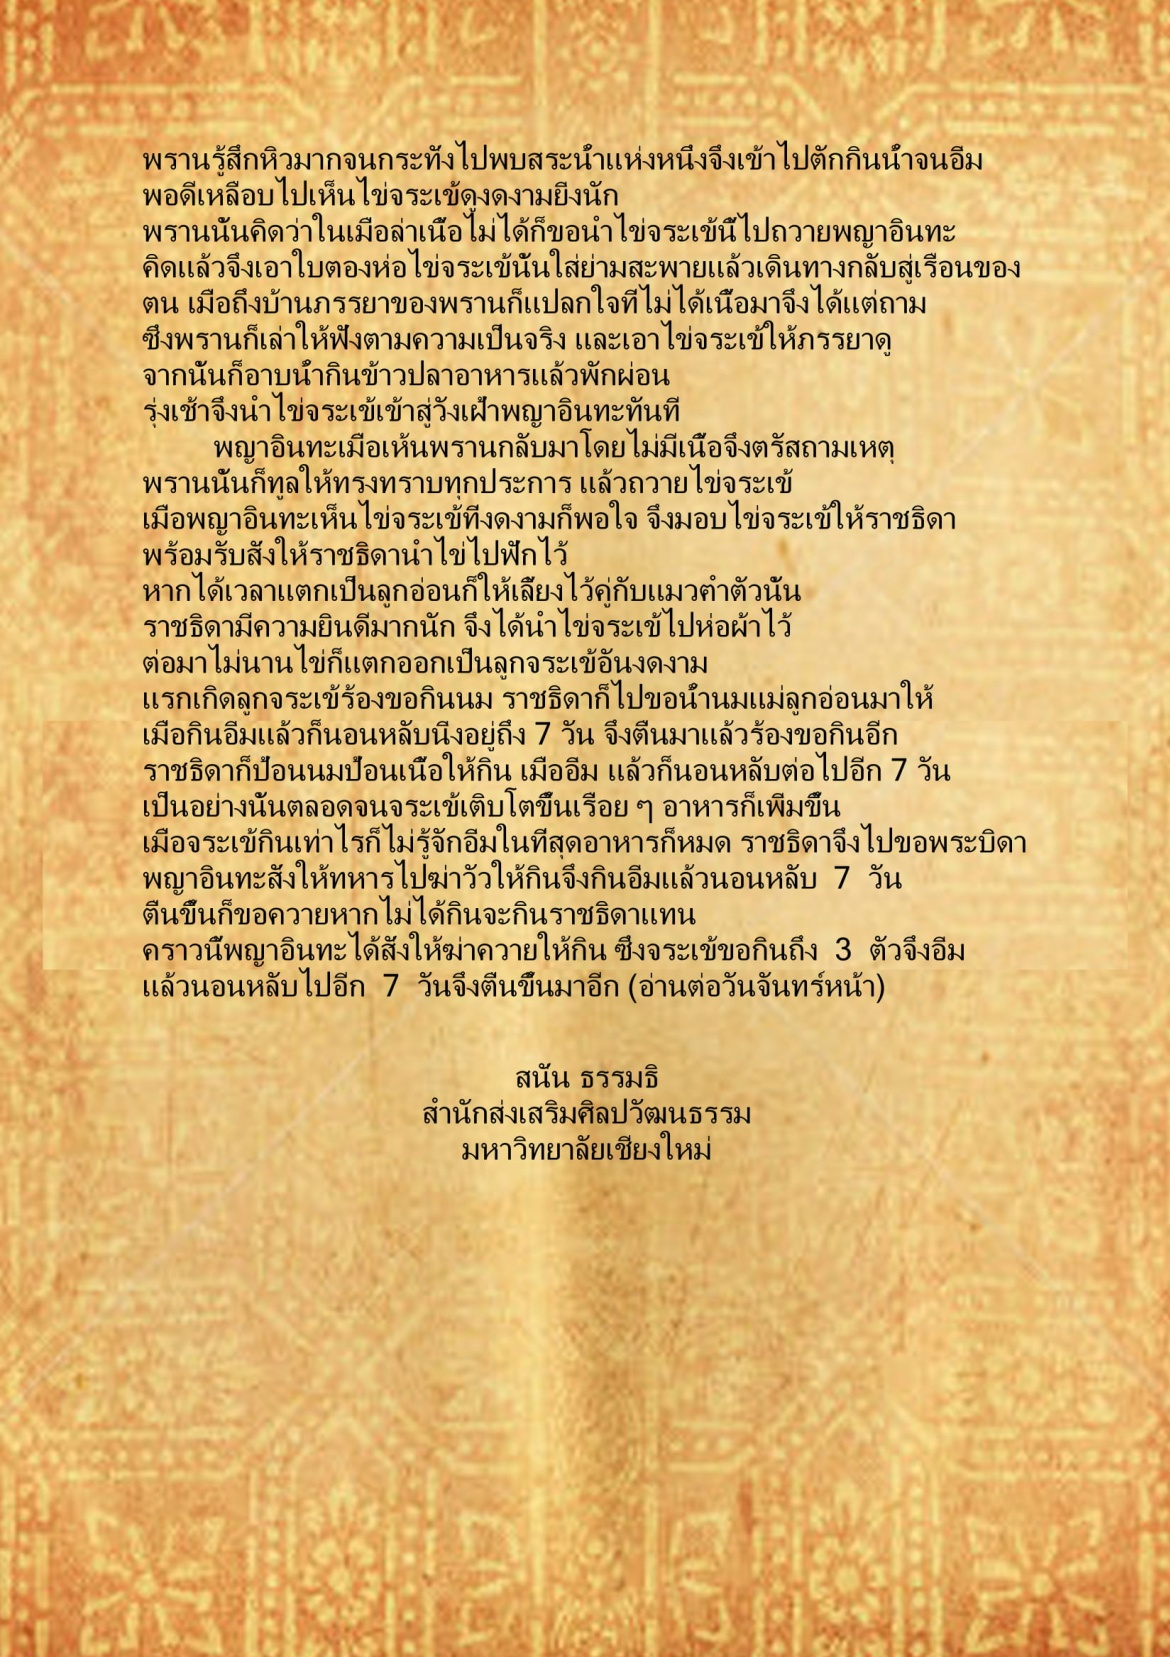 ไภยราช (1) - 6  มิถุนายน  2559